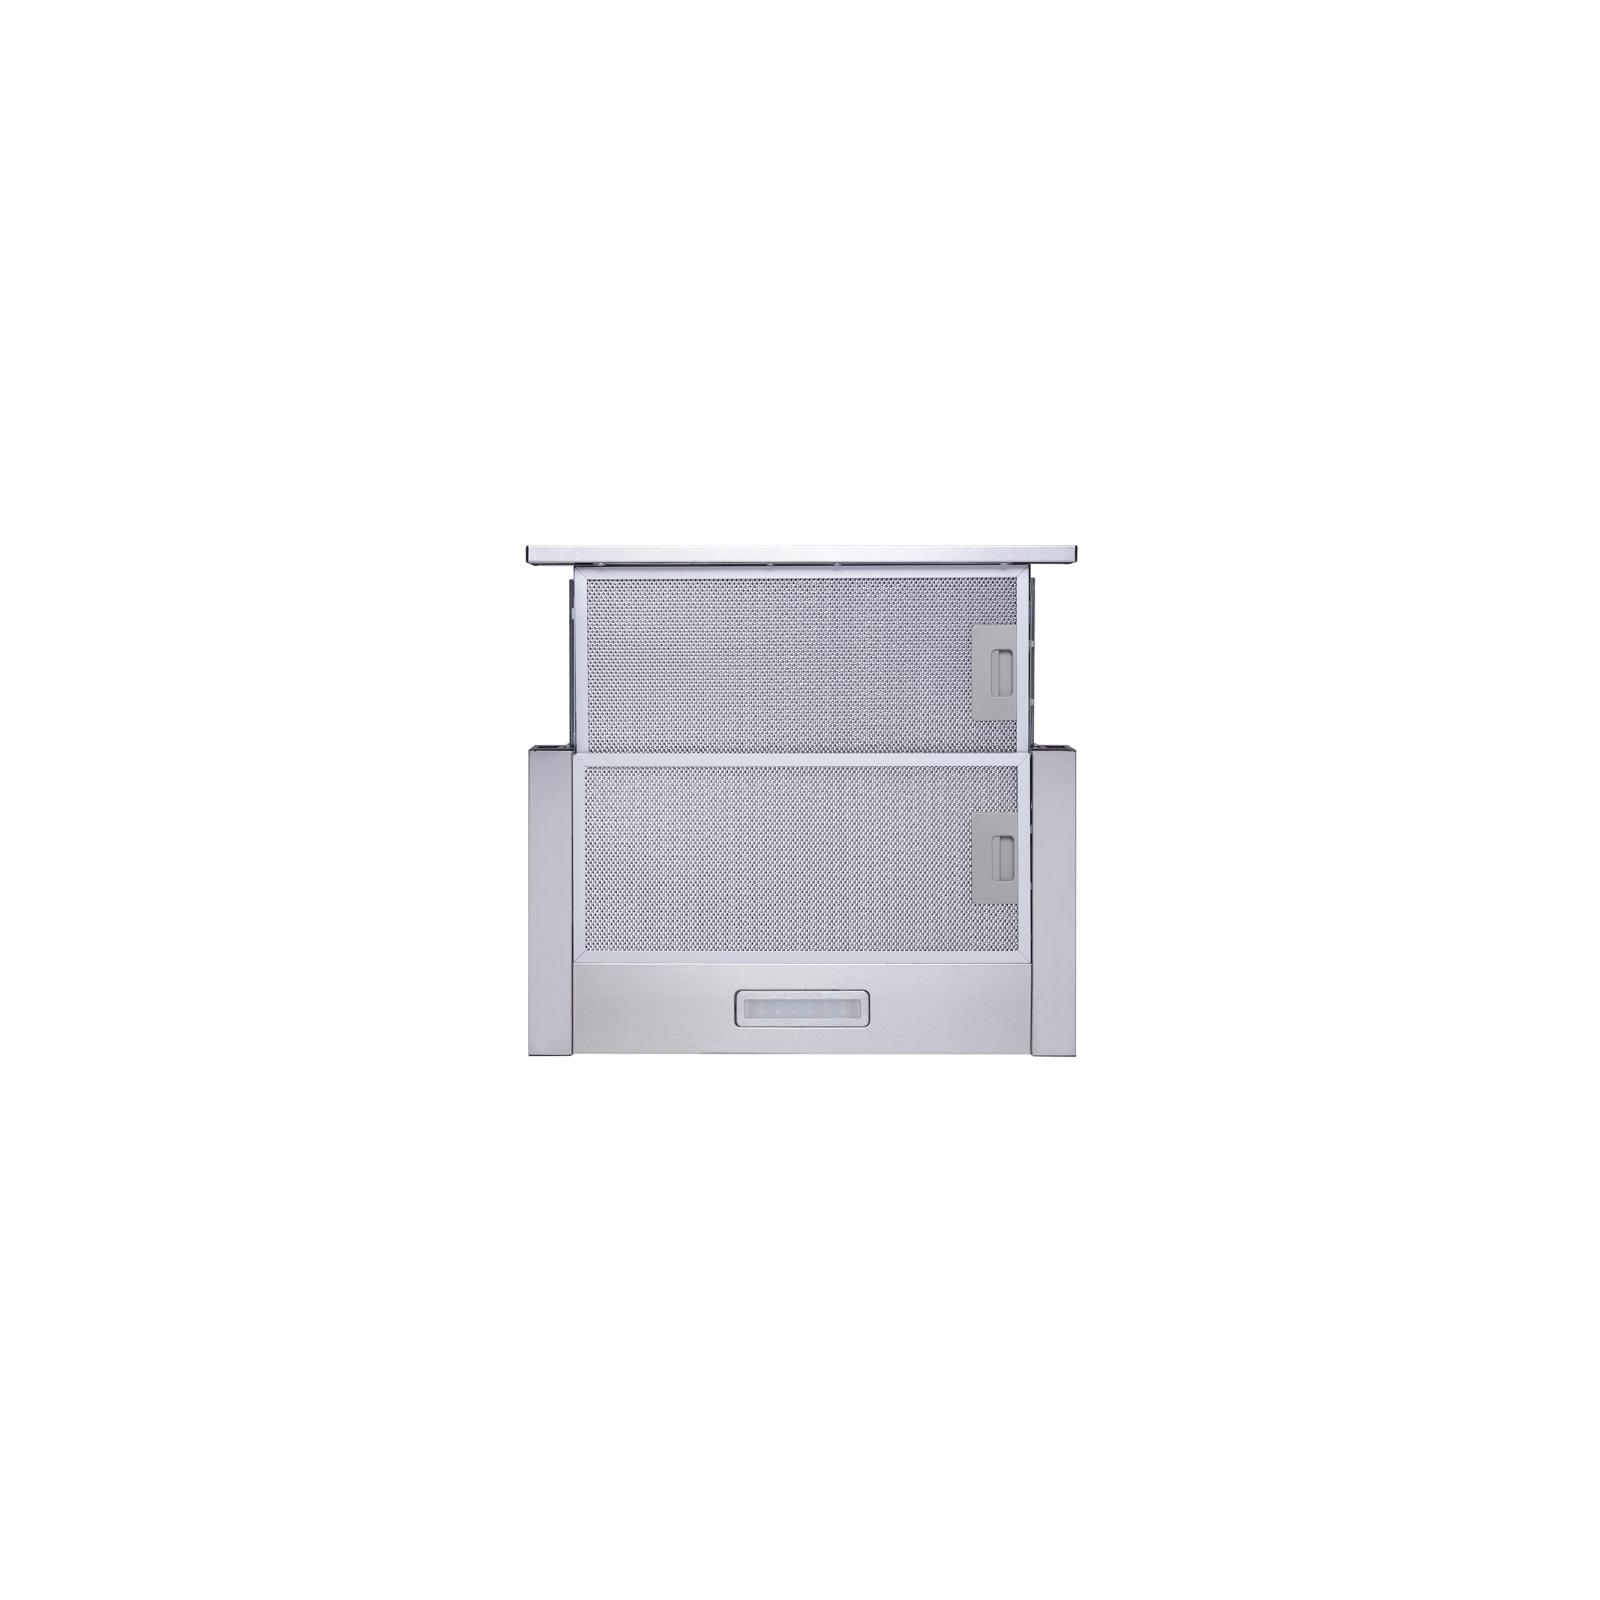 Вытяжка кухонная Minola HTL 5314 WH 750 LED изображение 4